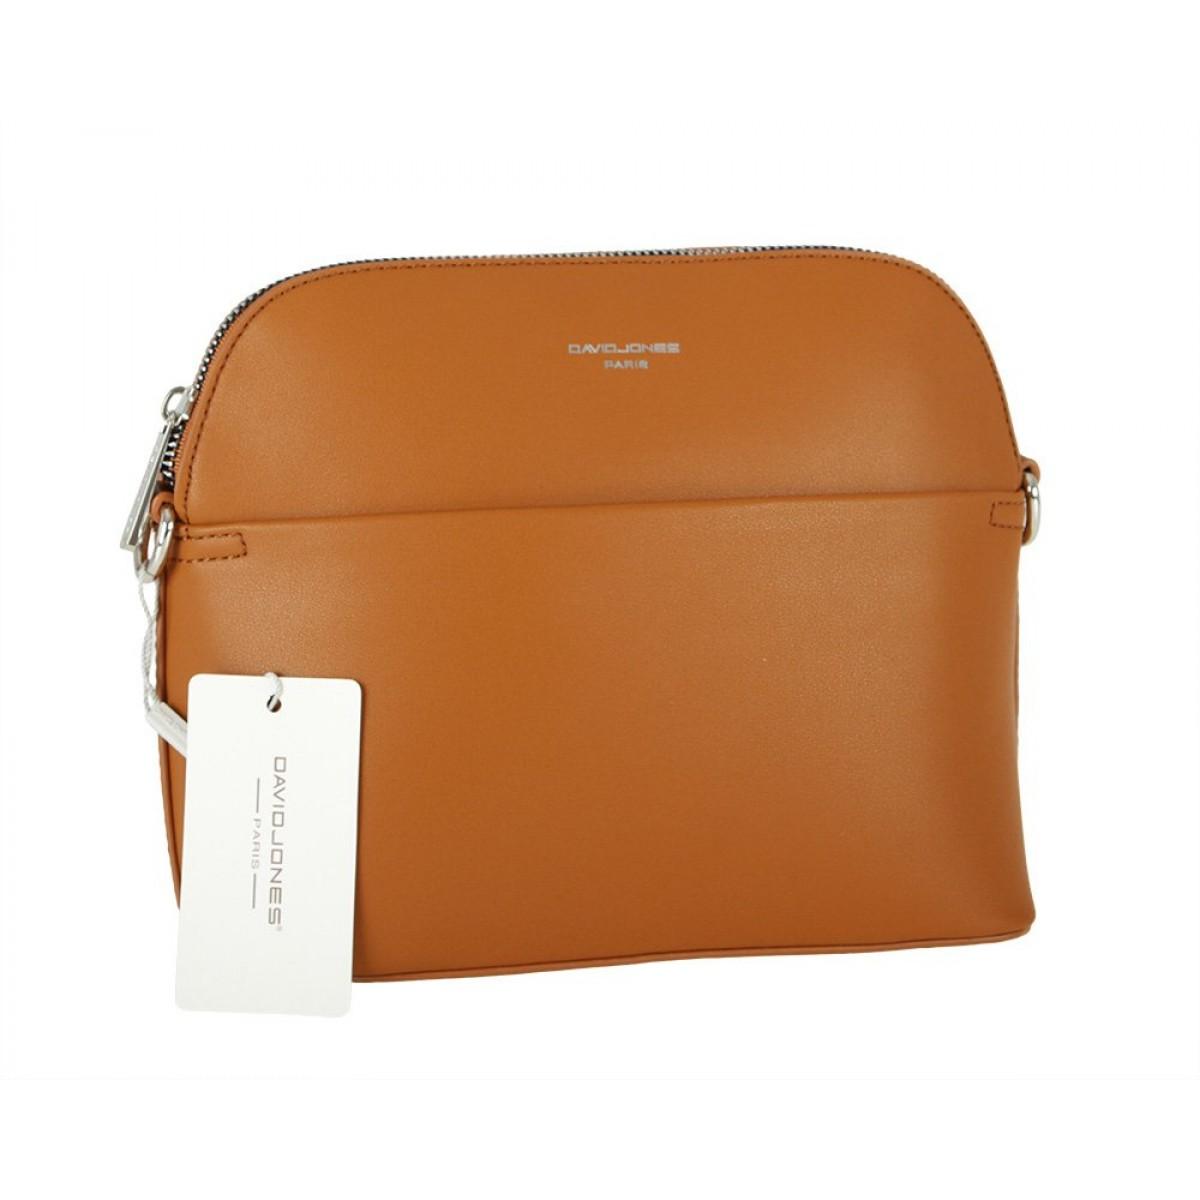 Жіноча сумка David Jones CM5881 COGNAC